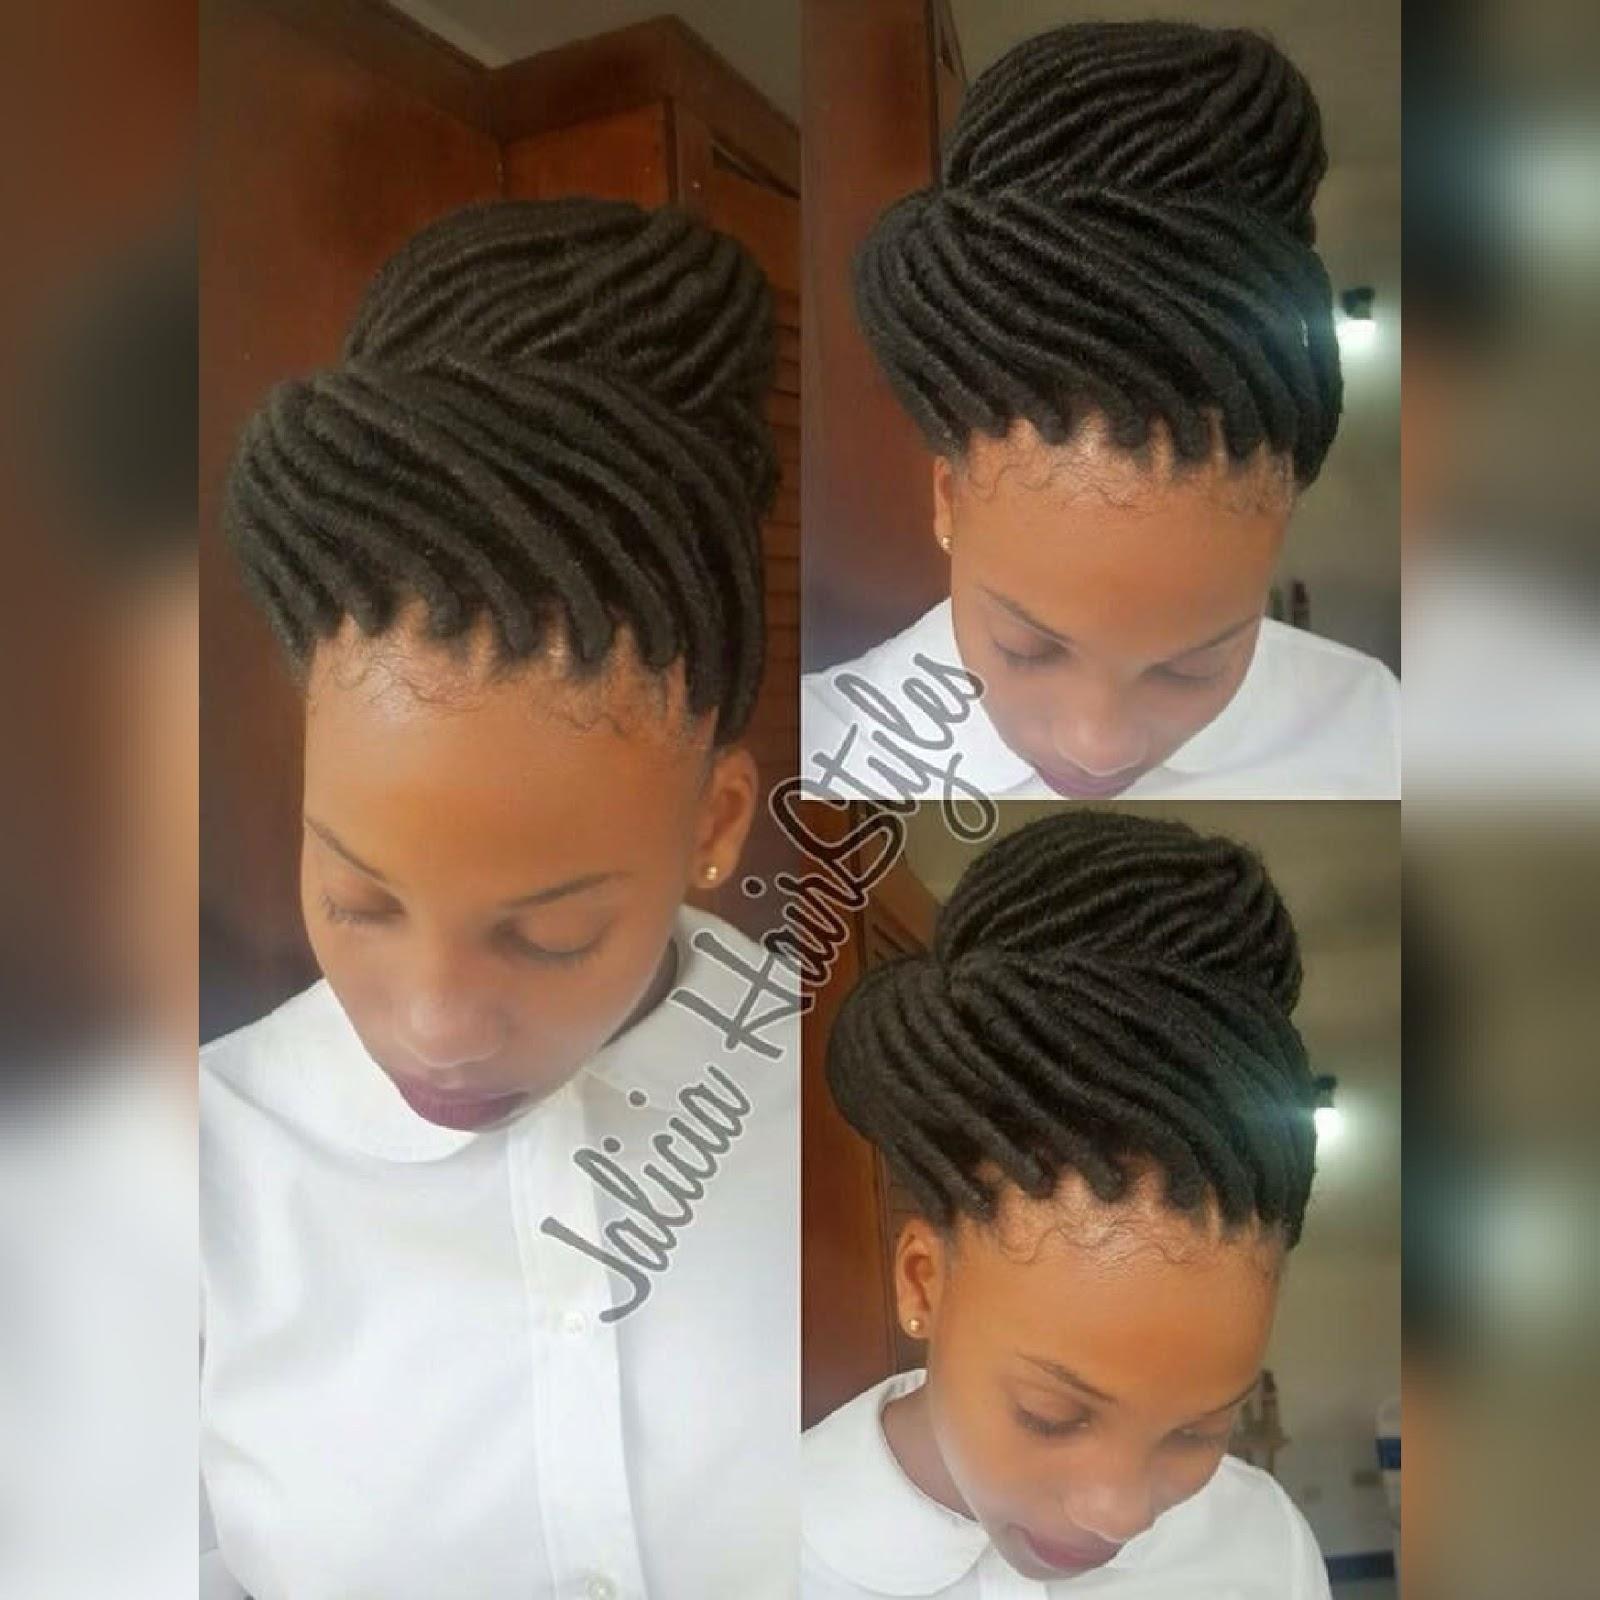 Rasta Braids Hairstyles: FAUX LOCS Braids Ideas